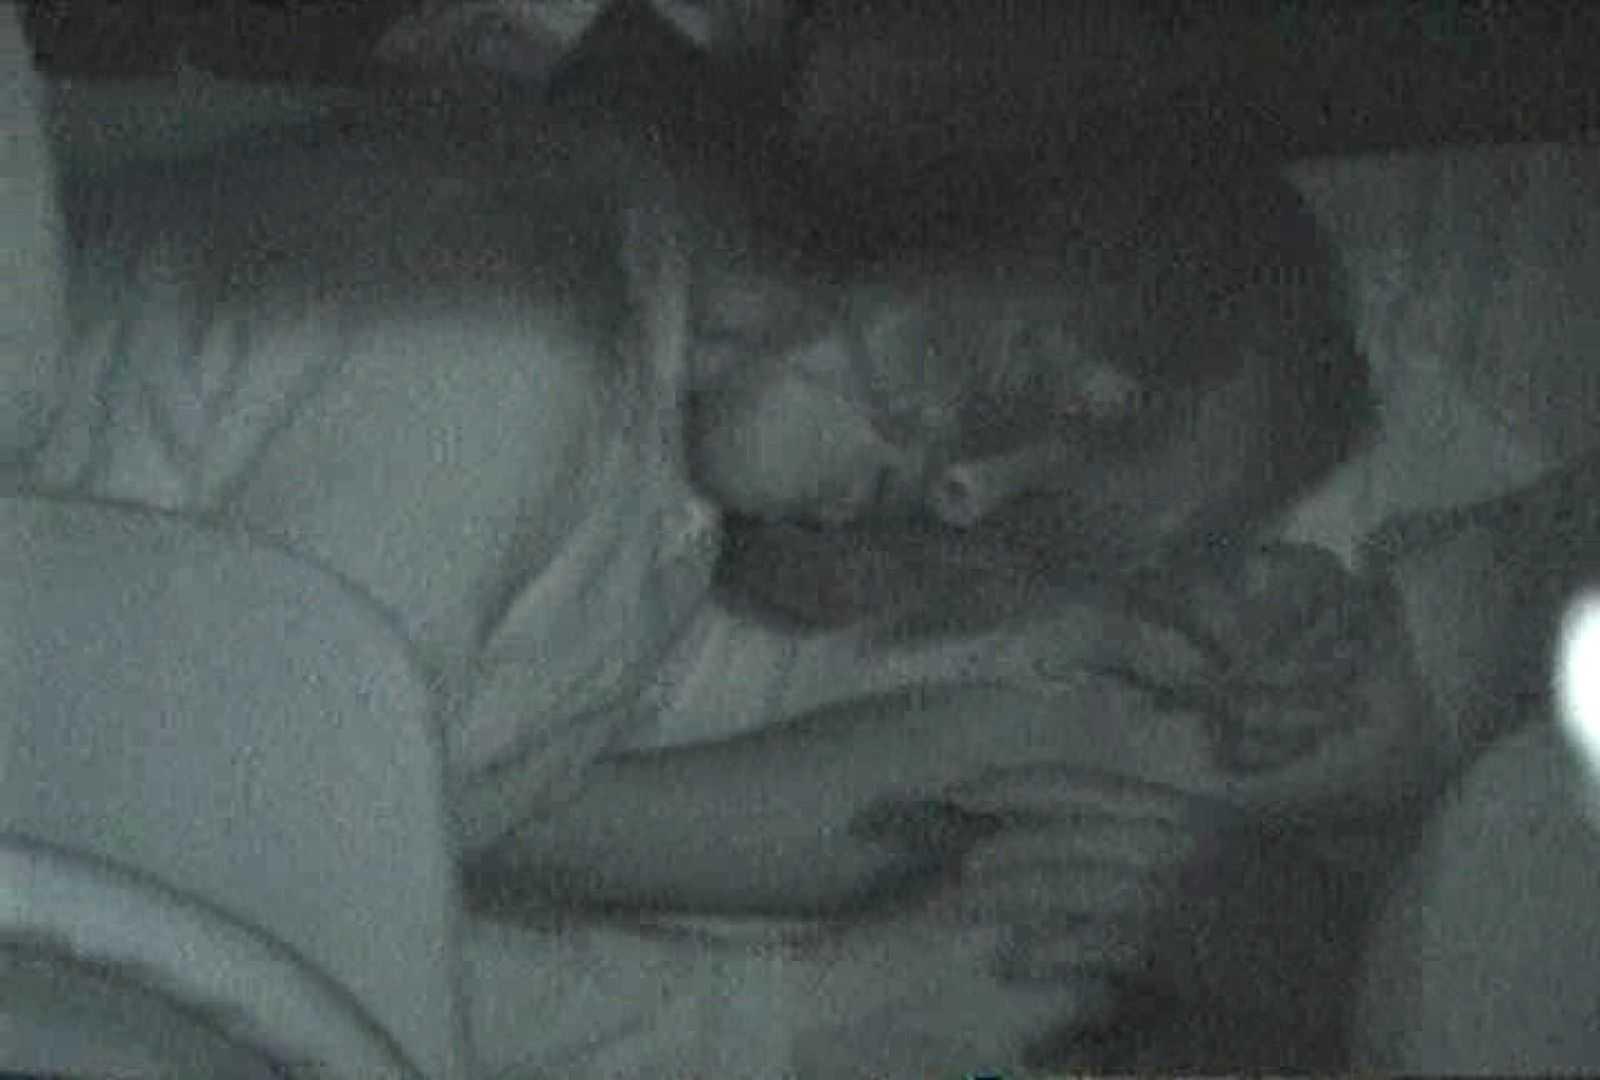 充血監督の深夜の運動会Vol.90 エロすぎオナニー | ギャルのエロ動画  107画像 21